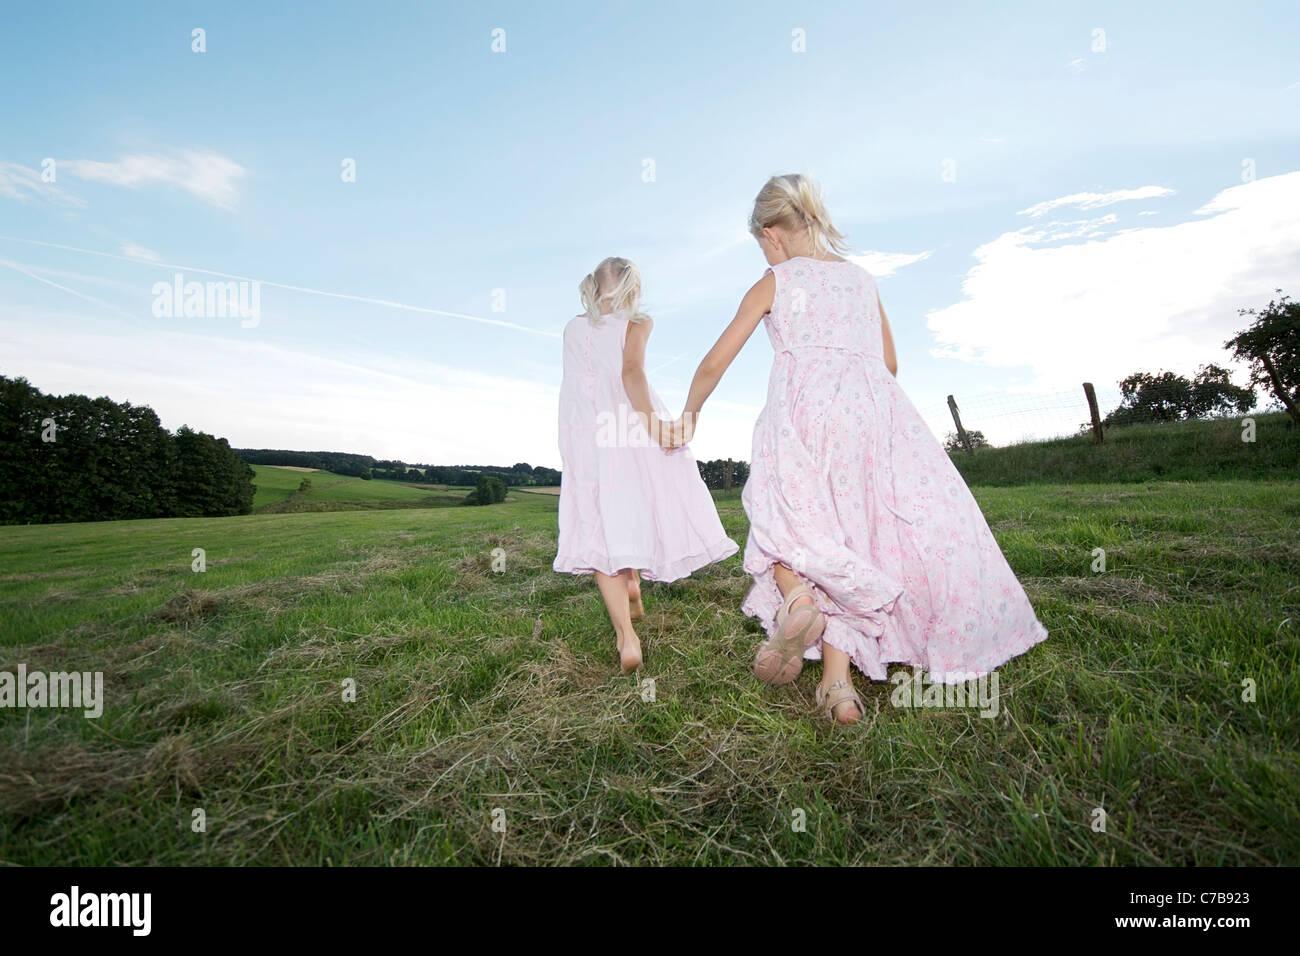 2cecce76db8e61 Mädchen läuft über eine Wiese im Sommer